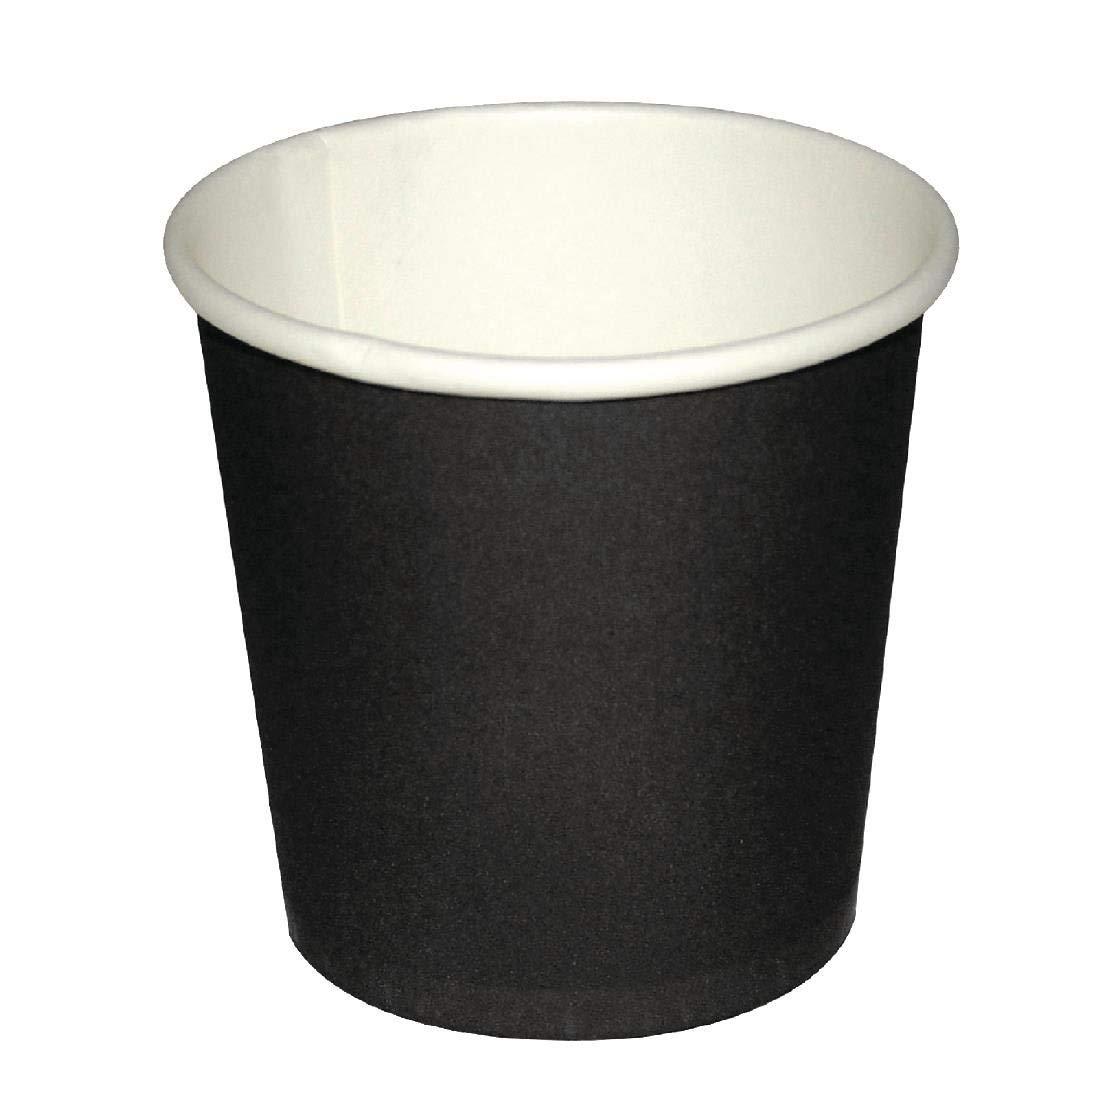 Fiesta GF019 Espresso Cups, Black (Pack of 50)